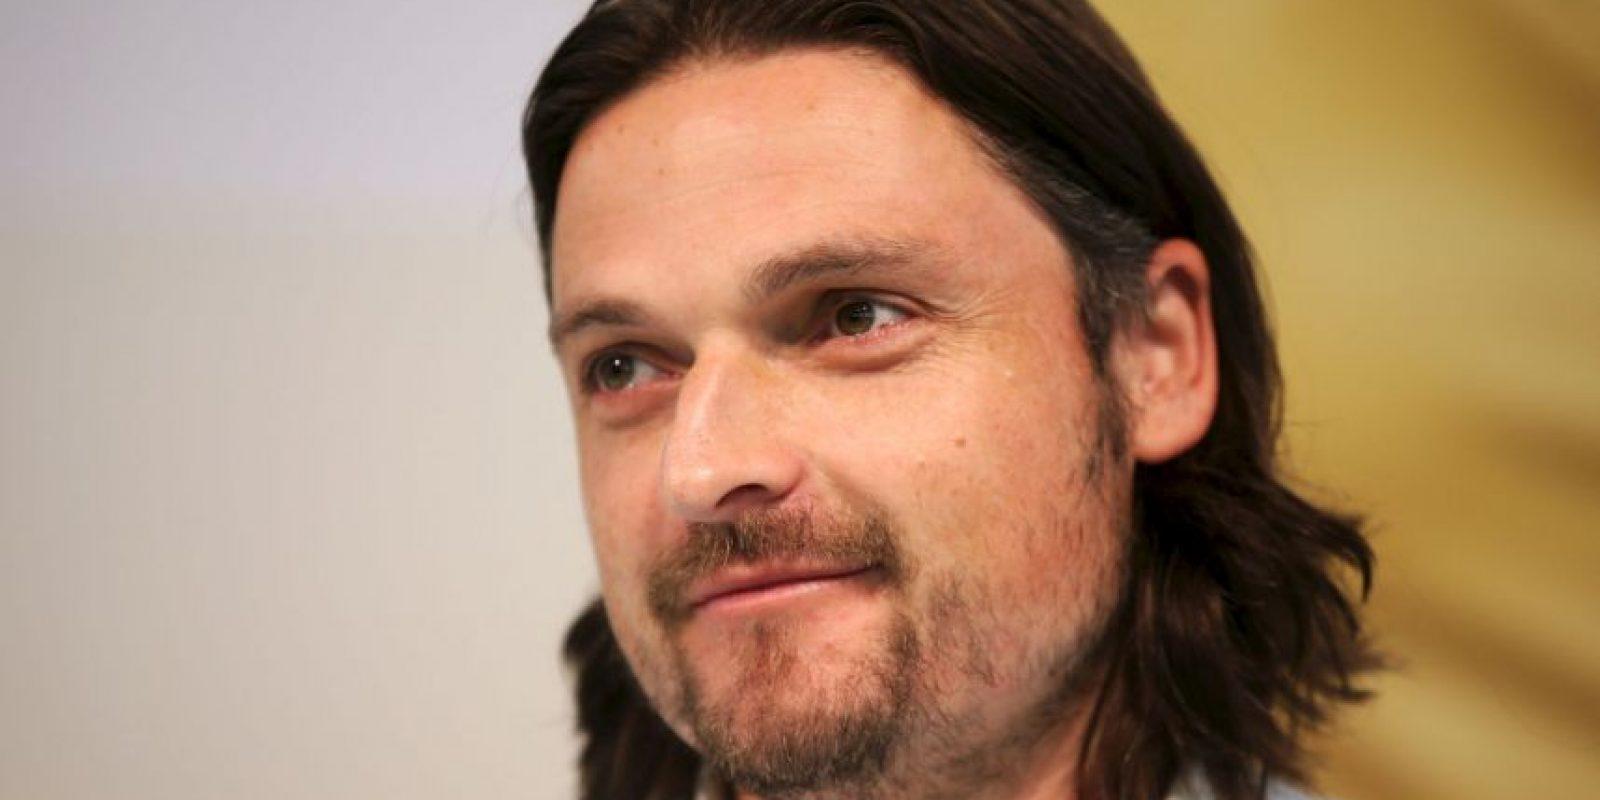 De 1991 a 2011 jugó con 25 equipos: Debutó en el FC Bad Kötzing (Alemania) y jugó en equipos como el Wimbledon FC, Nottingham Forest (Inglaterra), Vancouver Whitecaps (Canadá), y se retiró en el Ramblers FC (Namibia). Foto:Getty Images